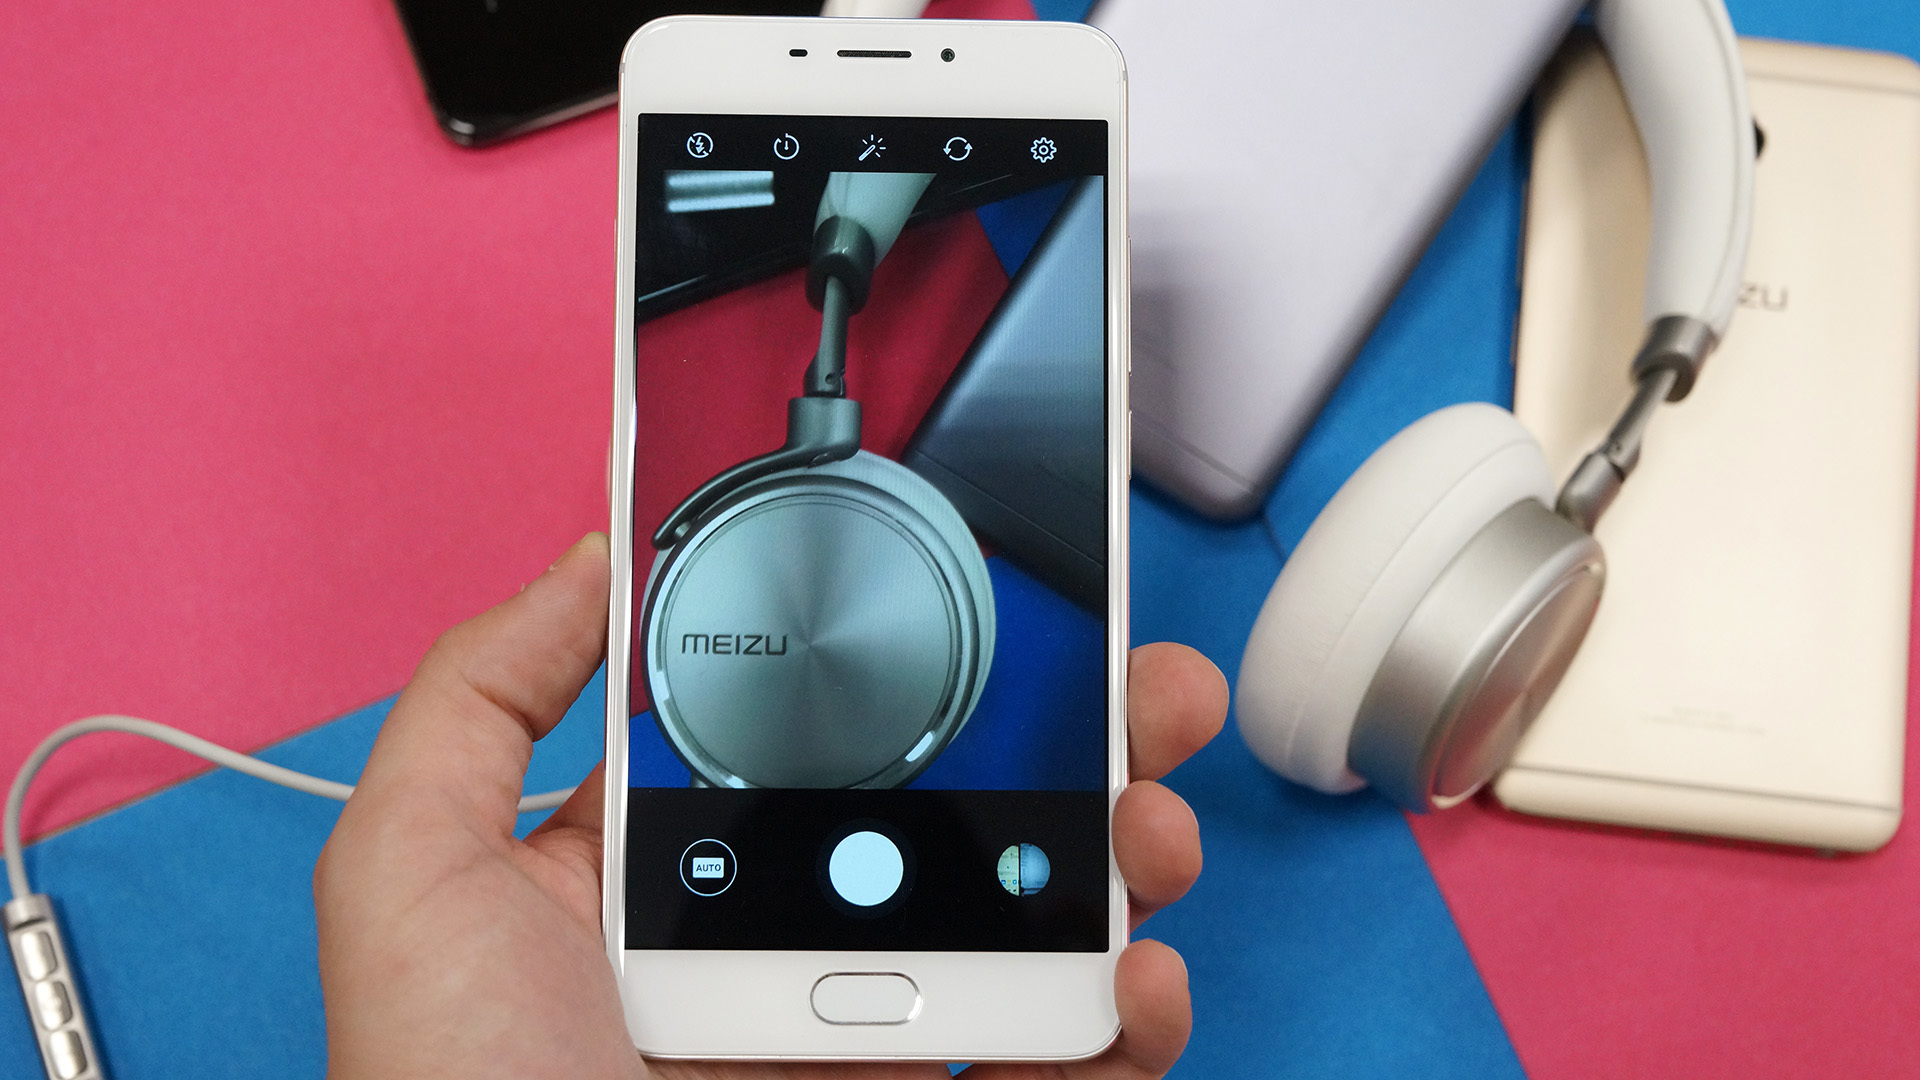 Лучшие бюджетные смартфоны последних лет обзор – Meizu M5 Note (3)